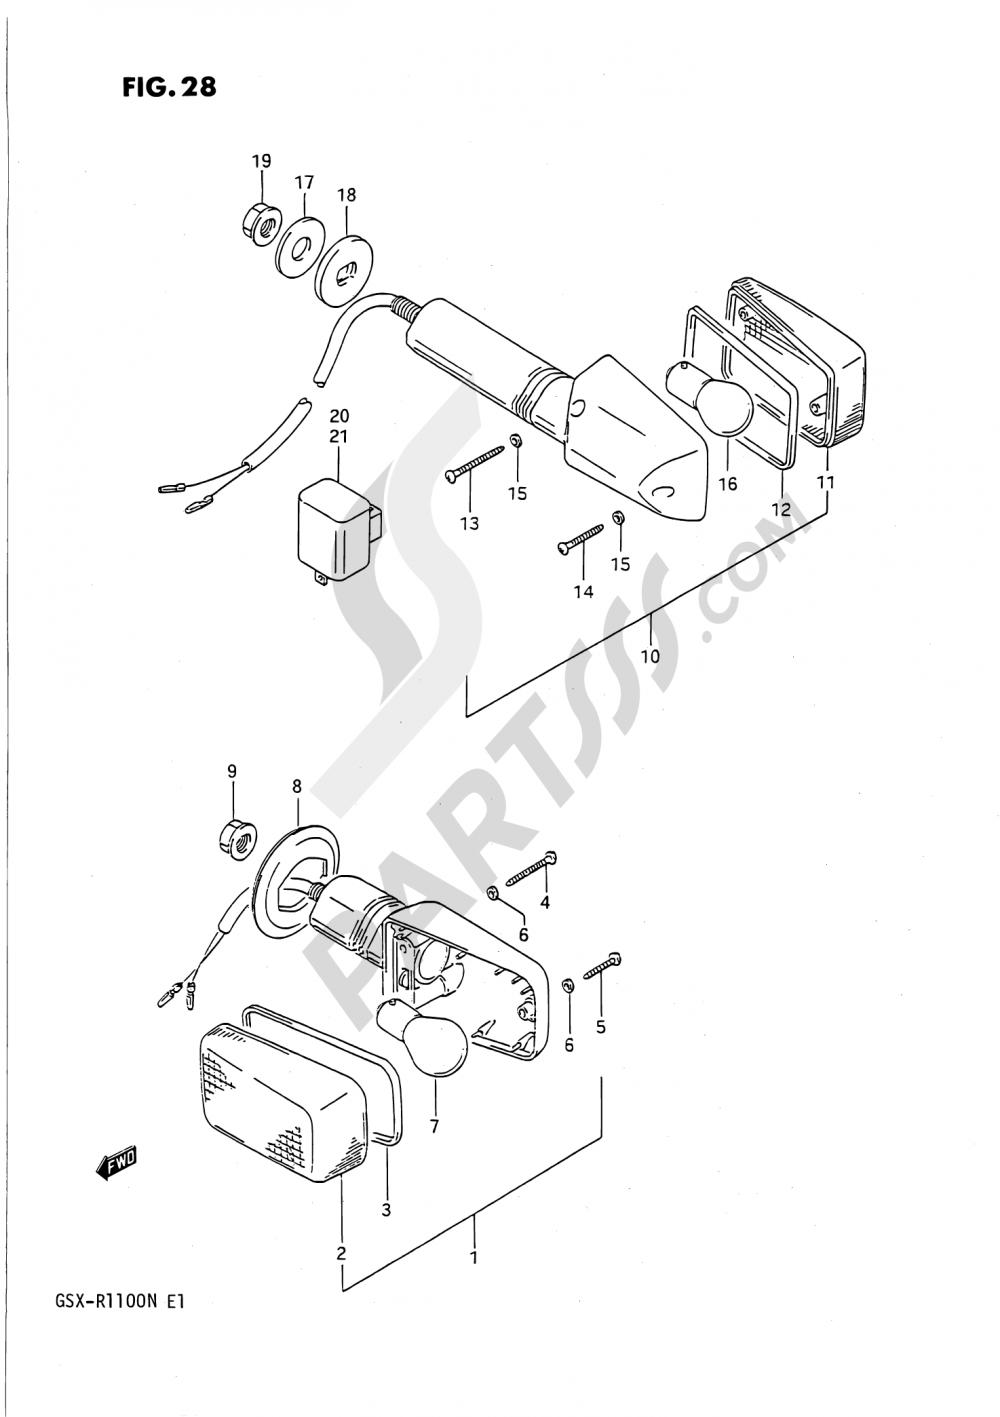 28 - TURNSIGNAL LAMP Suzuki GSX-R1100 1991